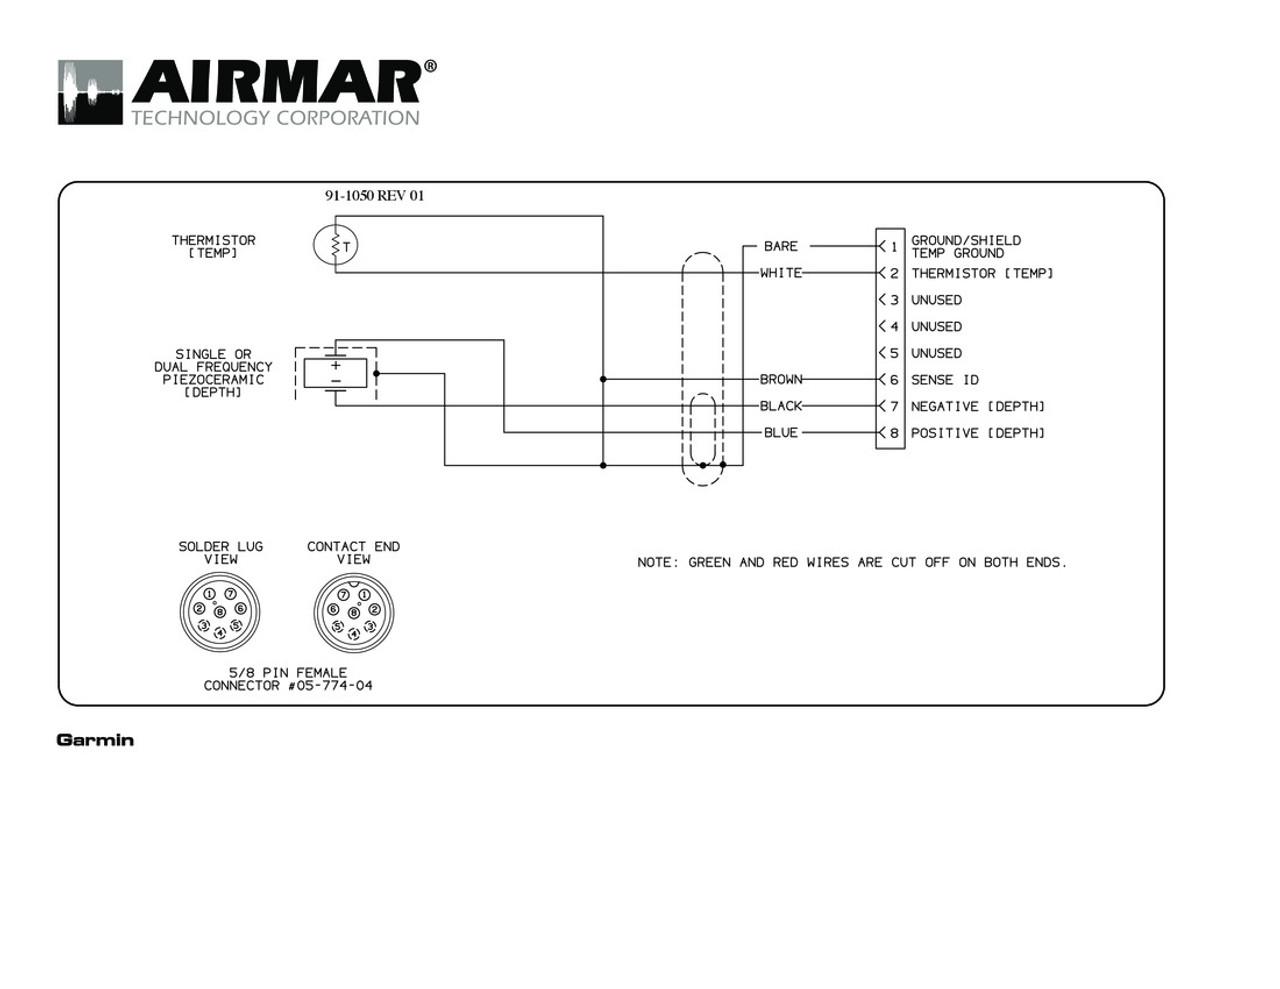 18 5 Wiring Diagram Garmin - Wiring Liry Diagram A5 Garmin Sv Wiring Harness on